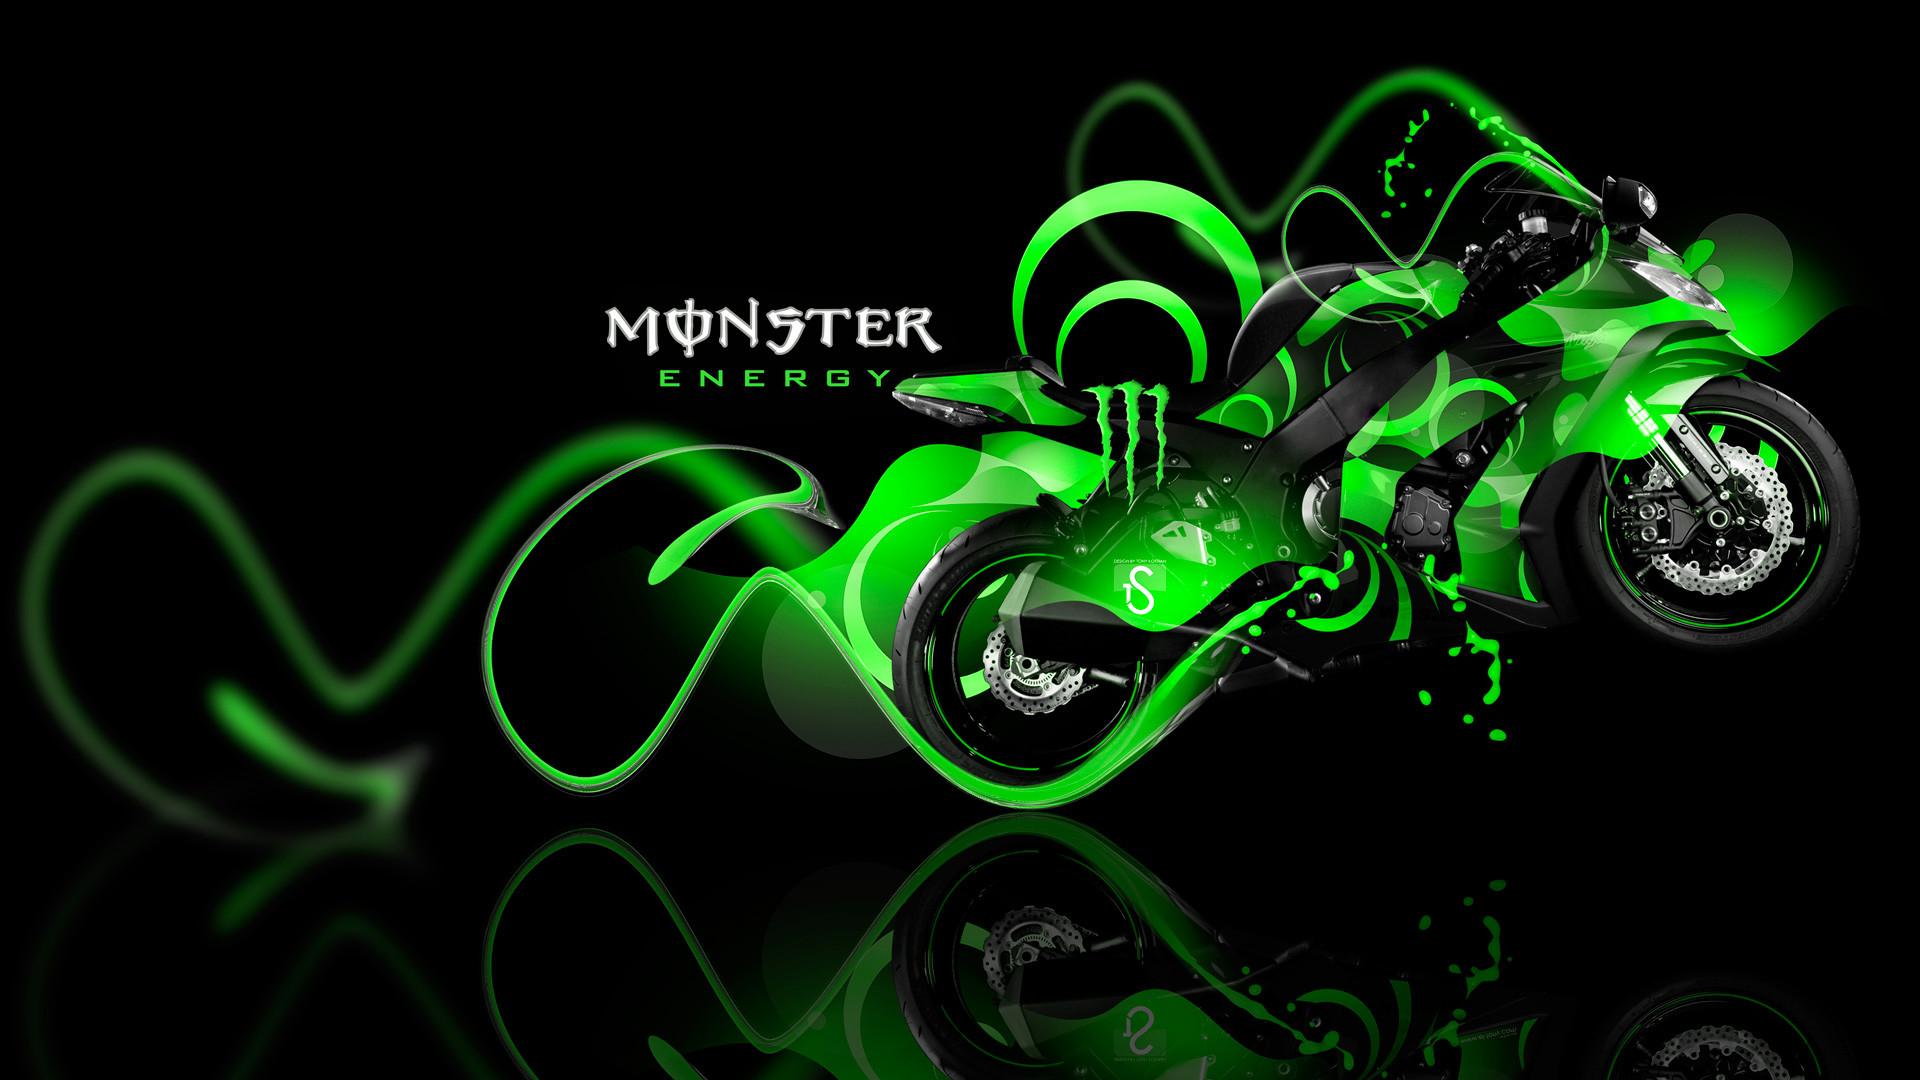 Monster energy wallpaper 72 images - Monster energy wallpaper download ...